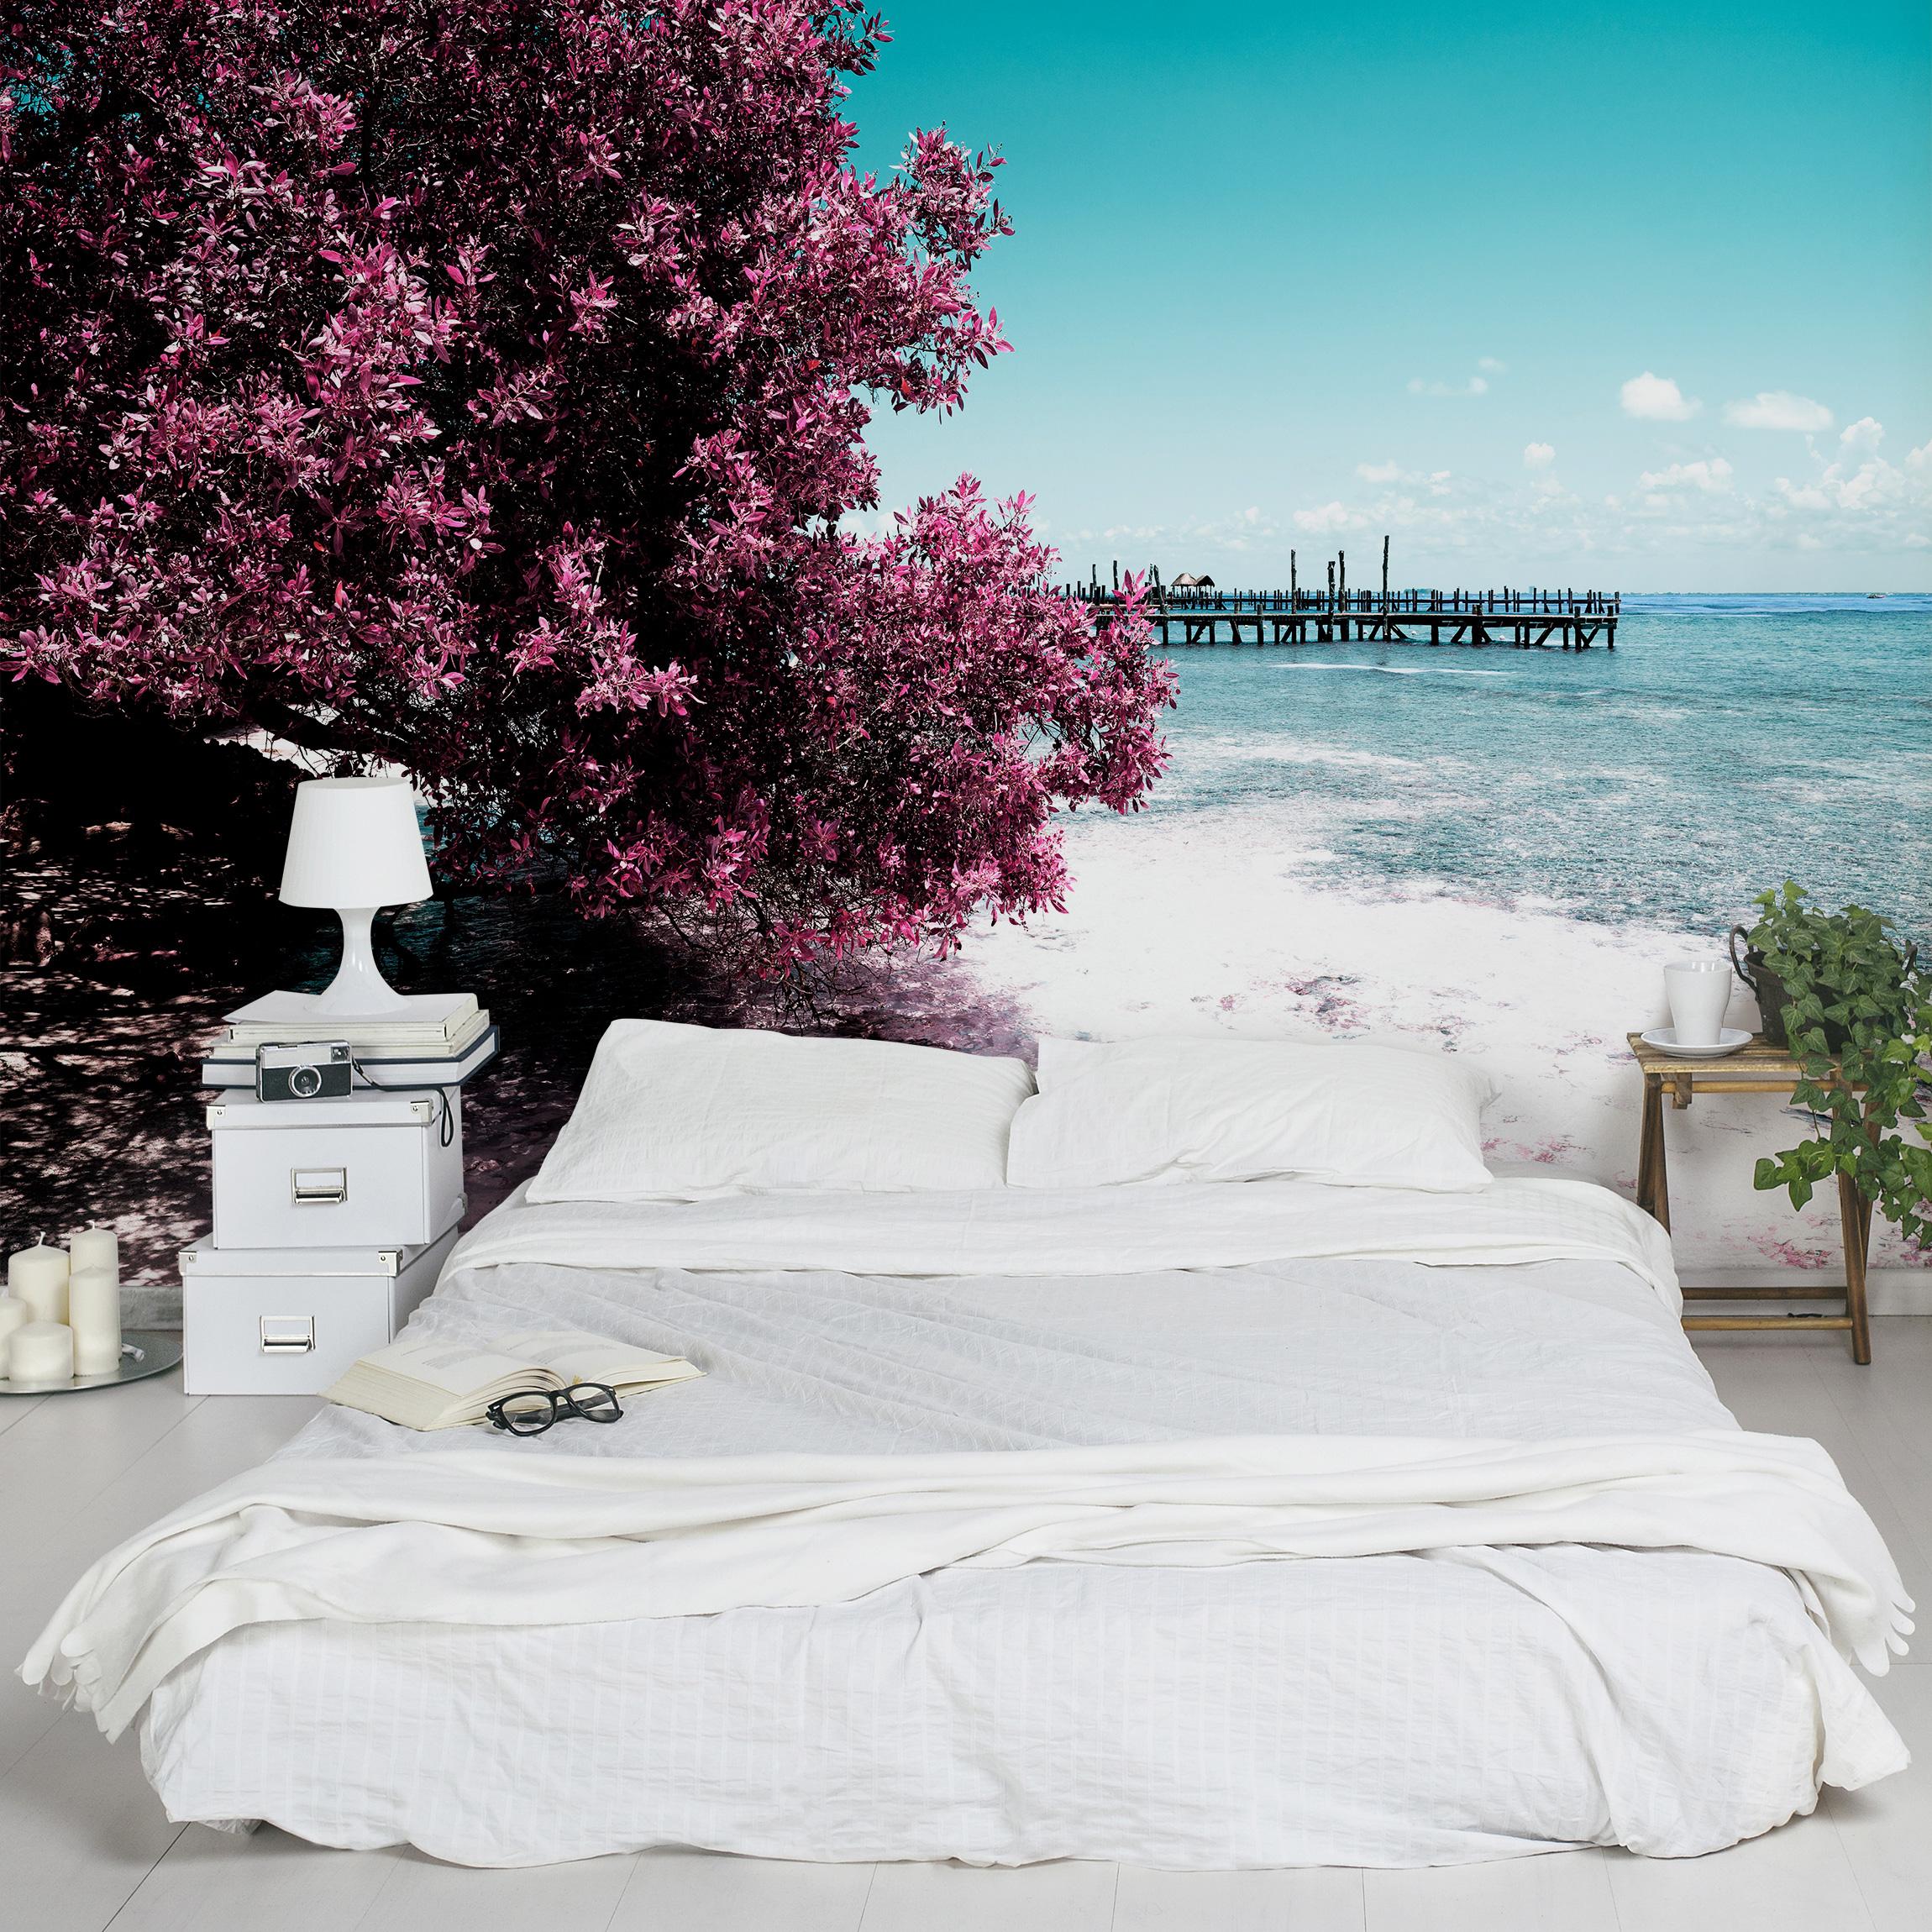 karibik fototapete selbstklebend paradies strand isla mujeres. Black Bedroom Furniture Sets. Home Design Ideas